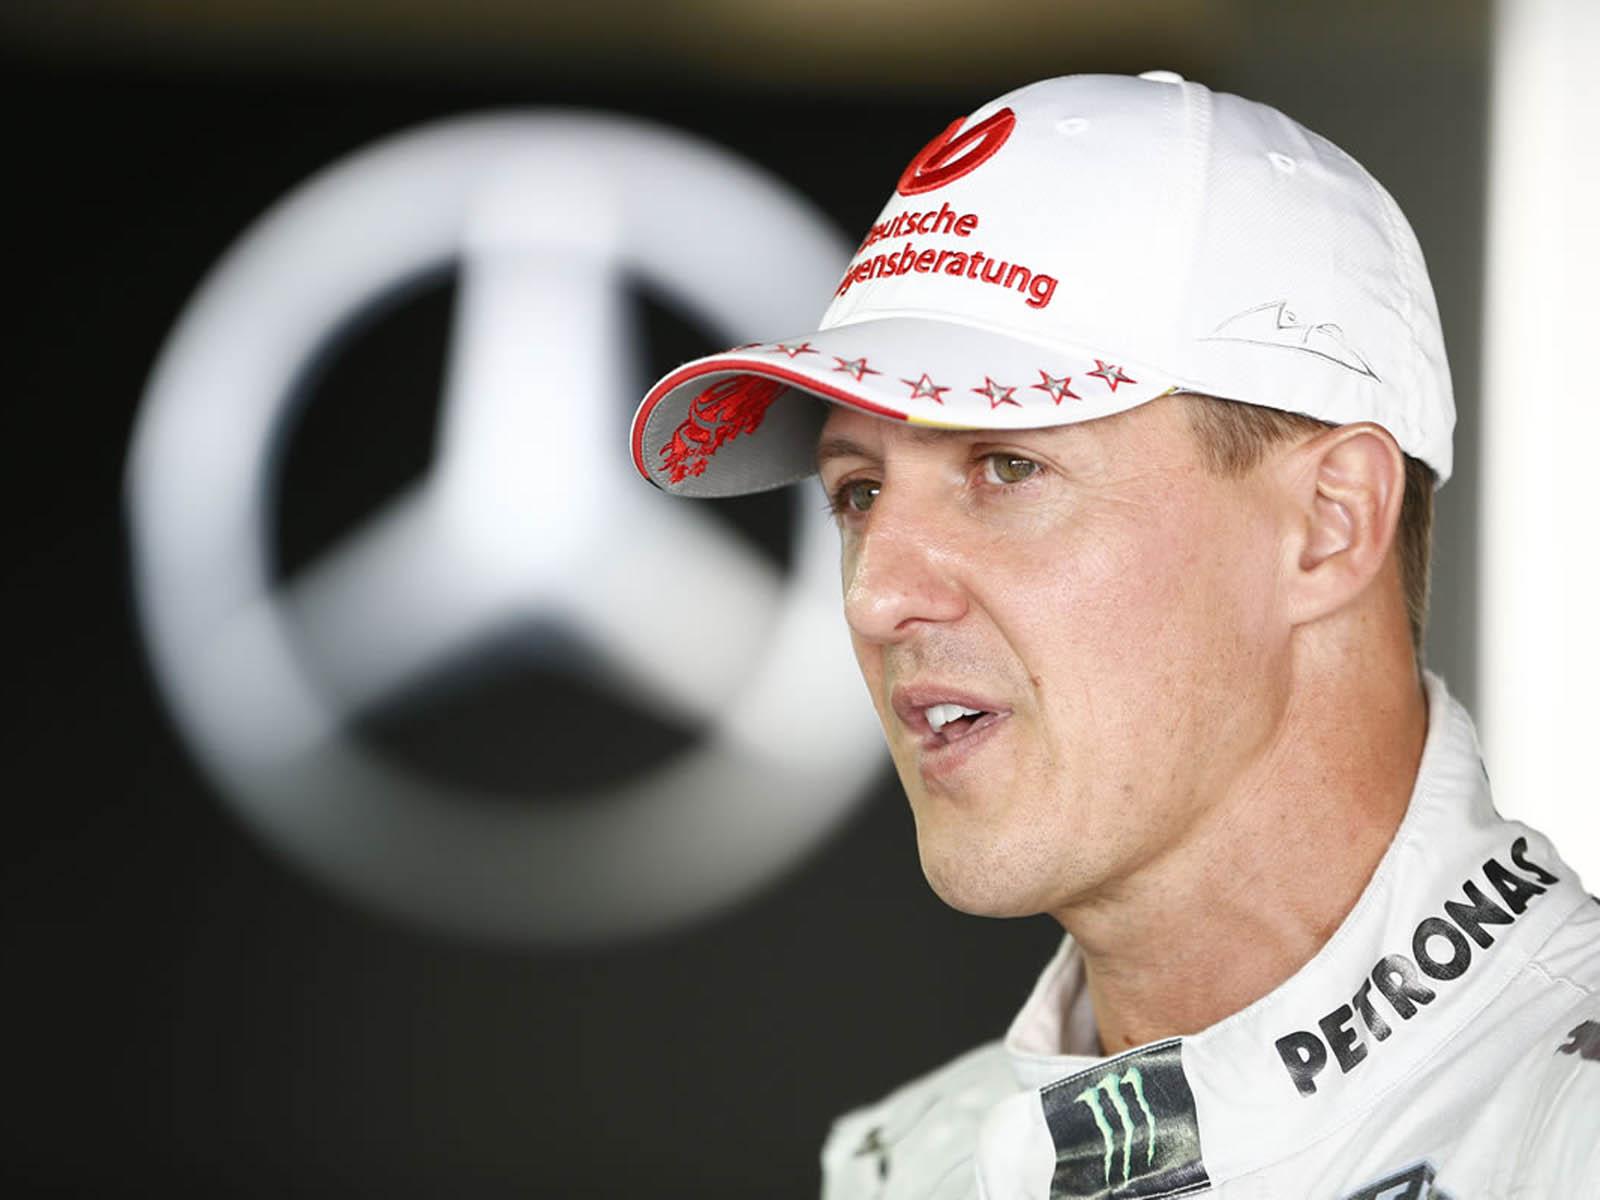 http://1.bp.blogspot.com/-xaVQ48FON2o/US9h0bH3lXI/AAAAAAAAT34/JhQErkf1cFw/s1600/Formula+1+Racer+Michael+Schumacher+Wallpapers+02.jpg